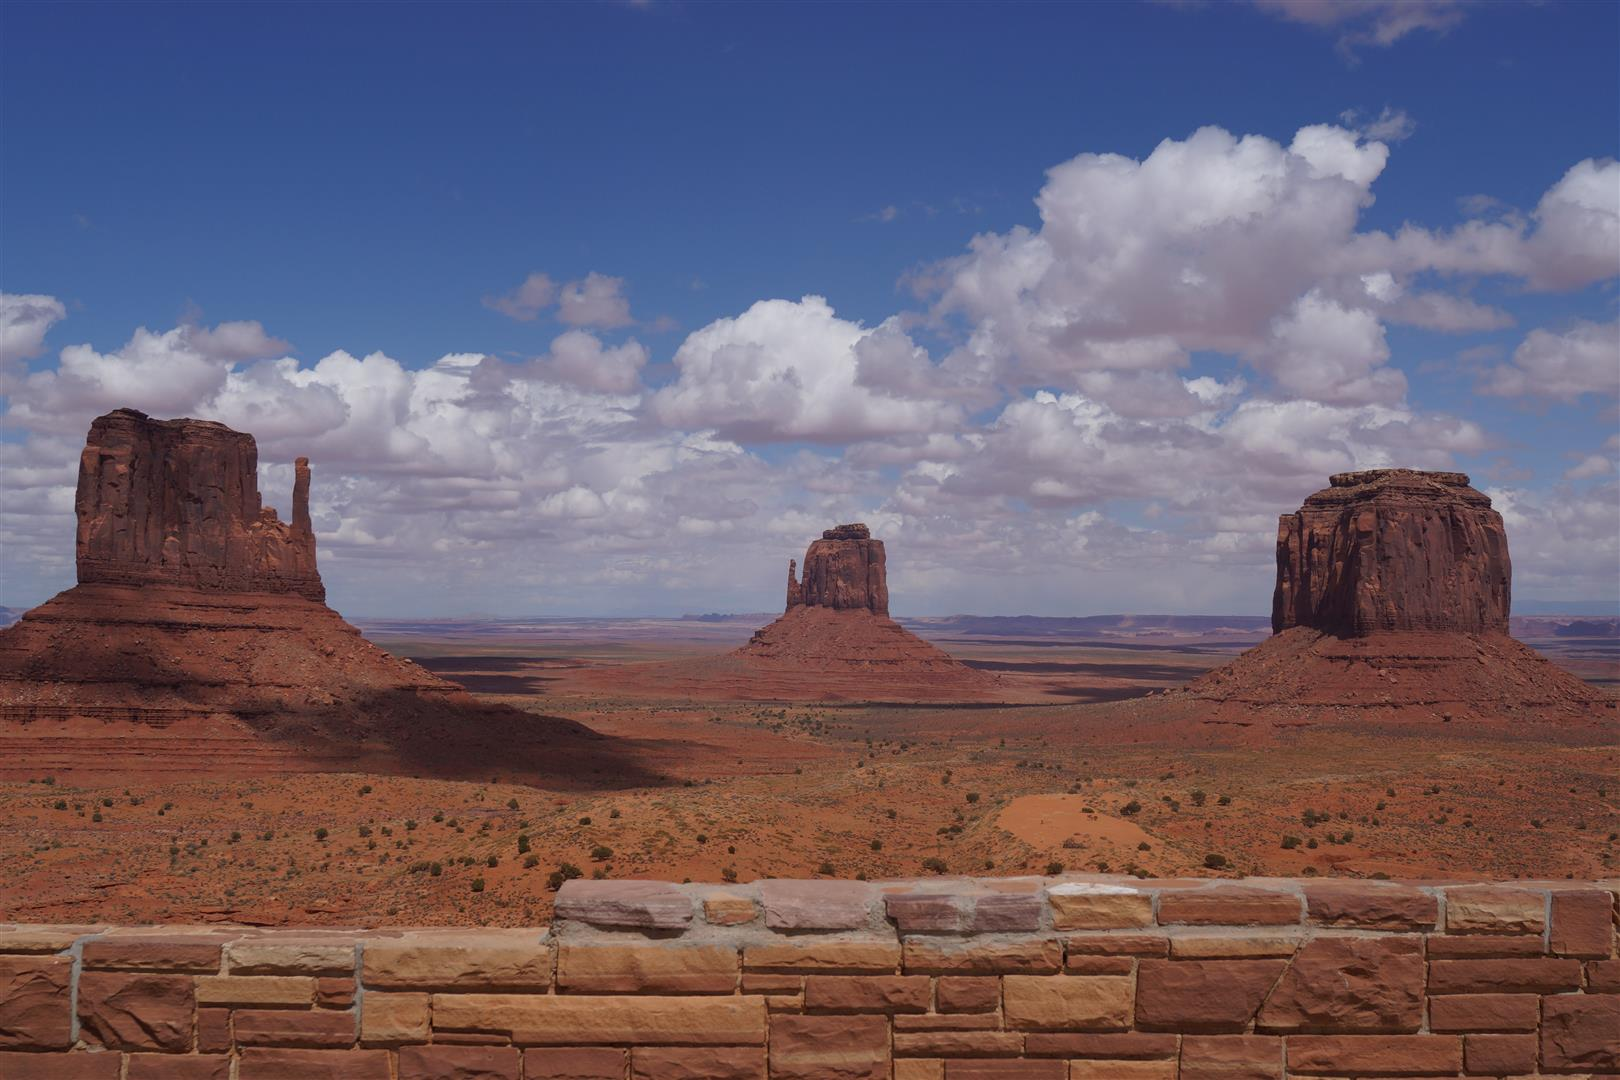 Monument Valley. Tolle Aussicht, aber dafür $10 Dollar... und die Straße zwichen den Bergen konnten wir mit unserem Corolla dann gar nicht befahren.